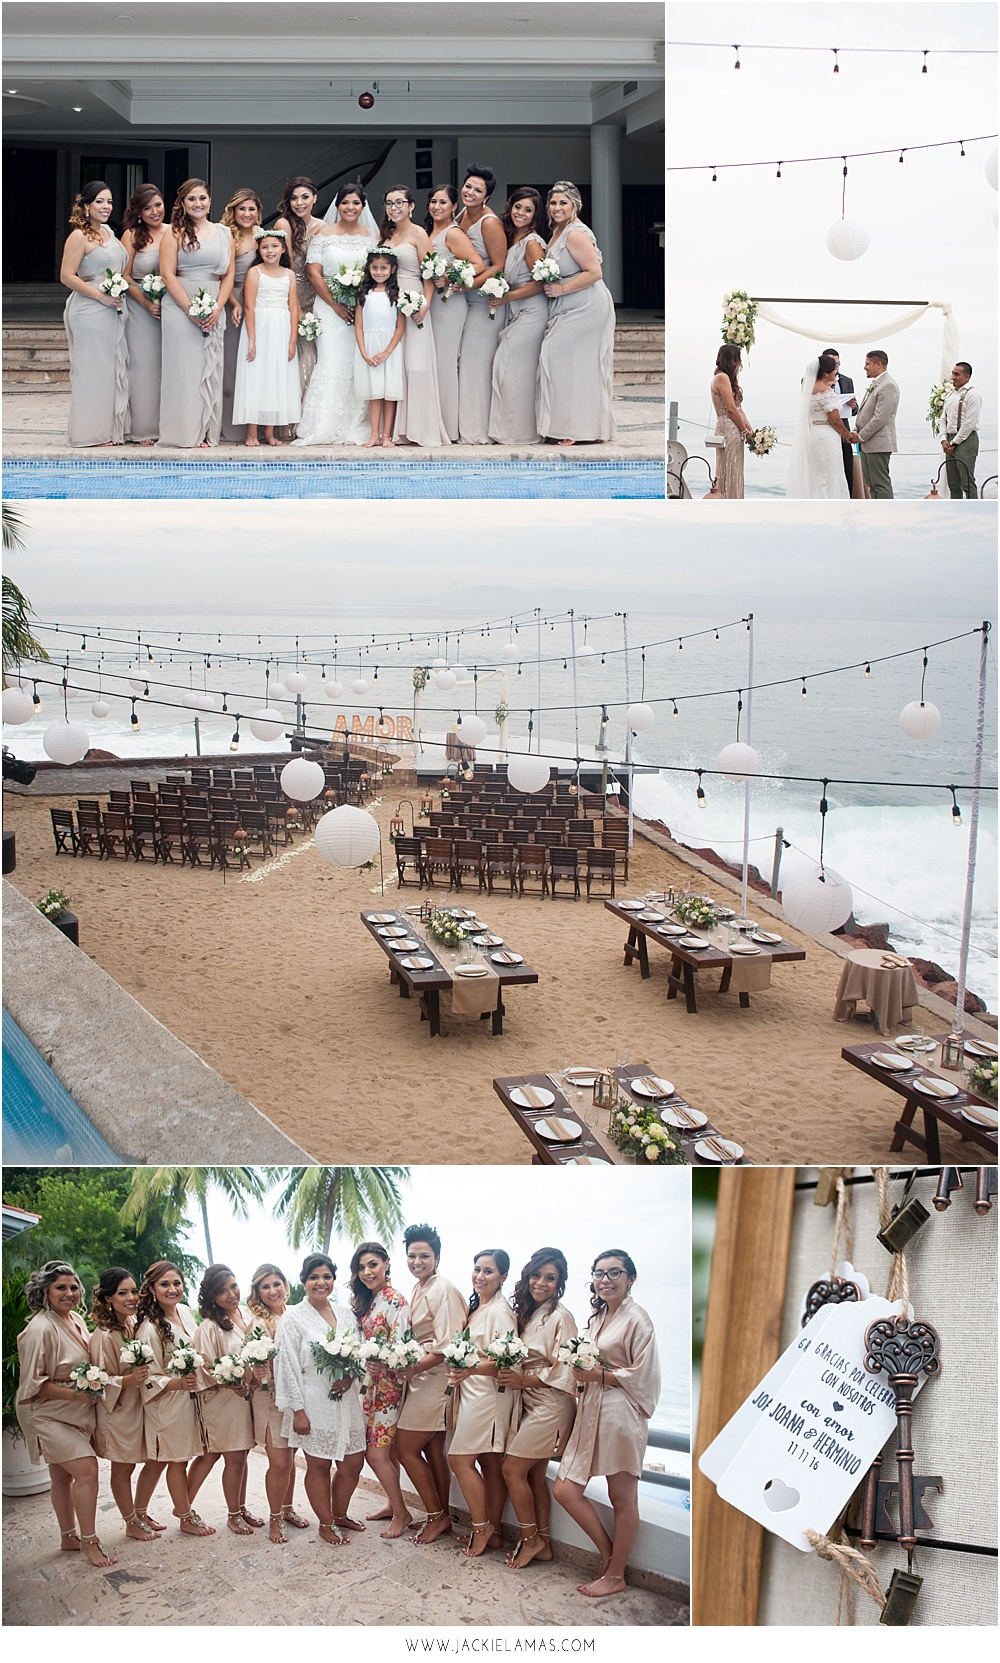 Puerto-vallarta-destination-wedding-inspiration.jpg